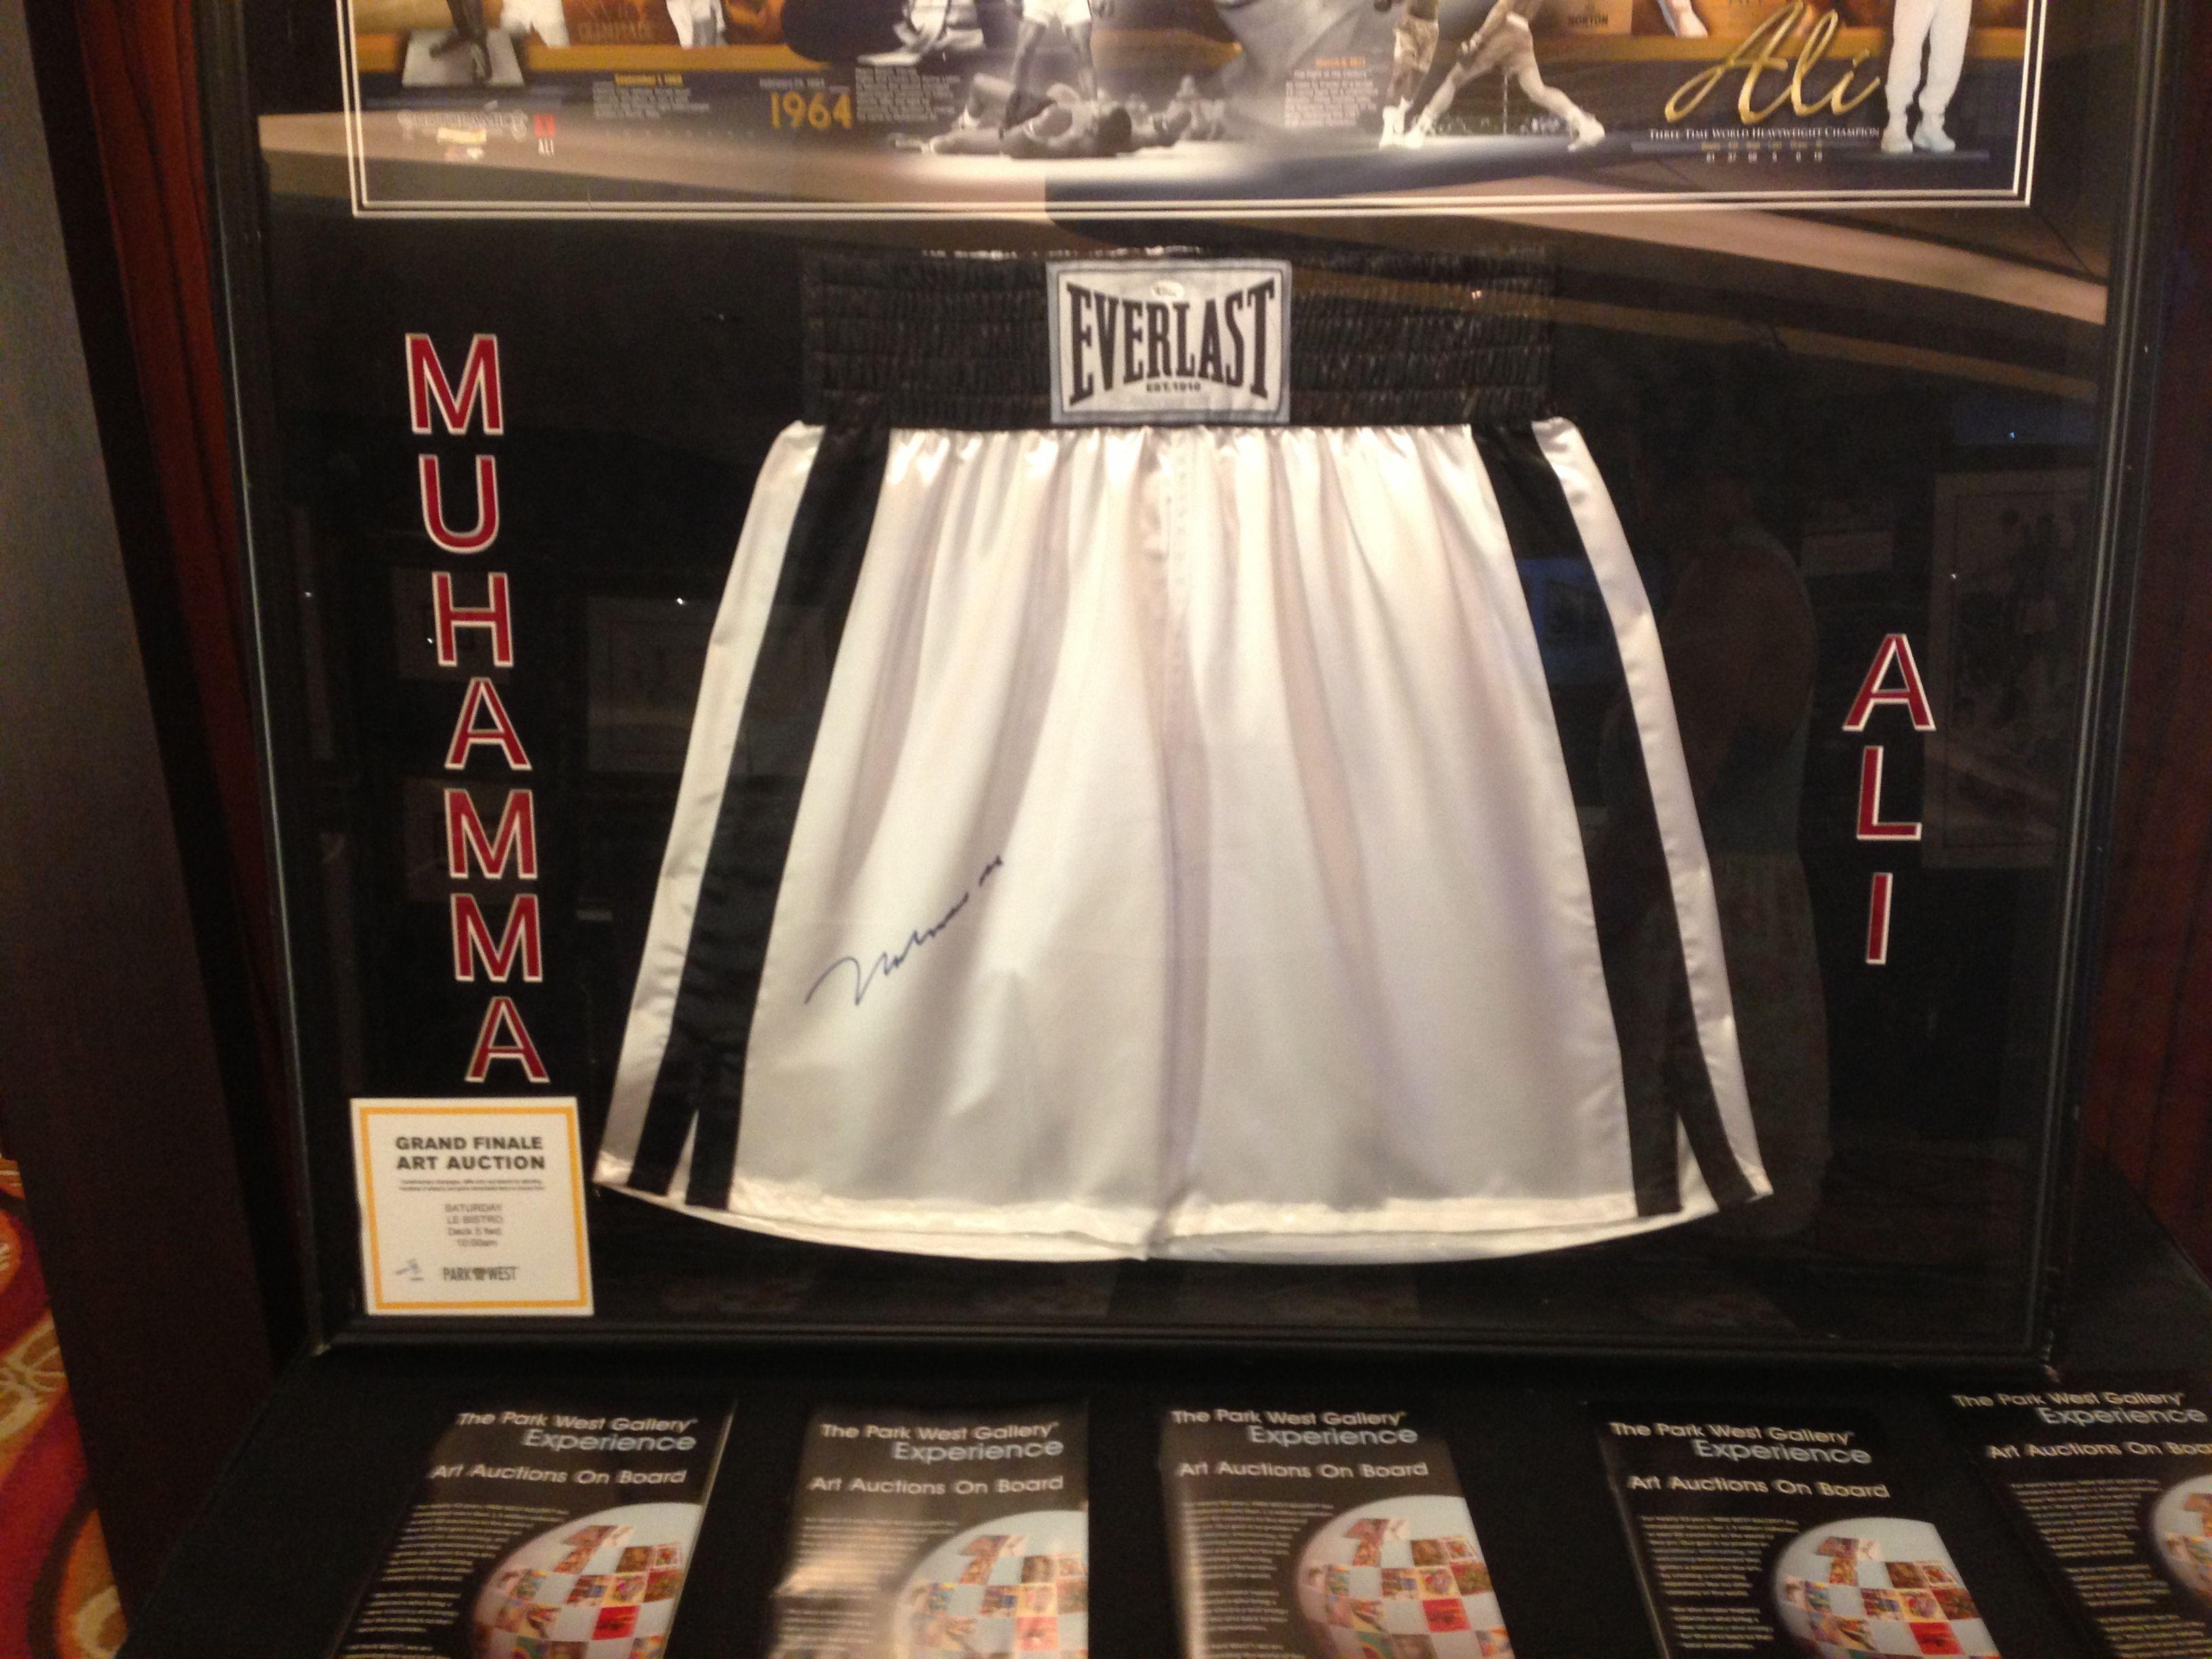 Alis shorts